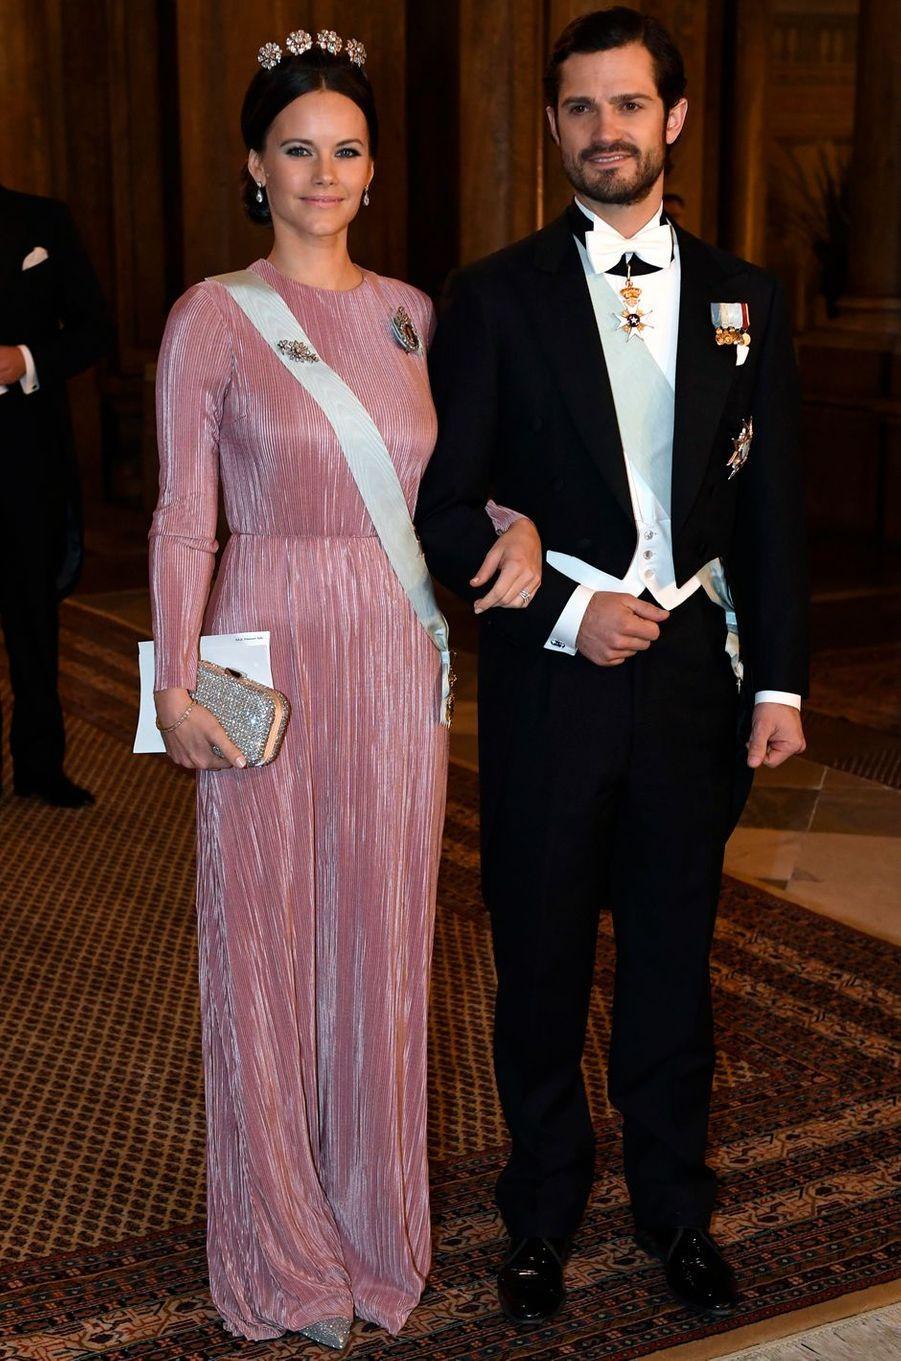 La princesse Sofia et le prince Carl Philip de Suède à Stockholm, le 11 décembre 2016